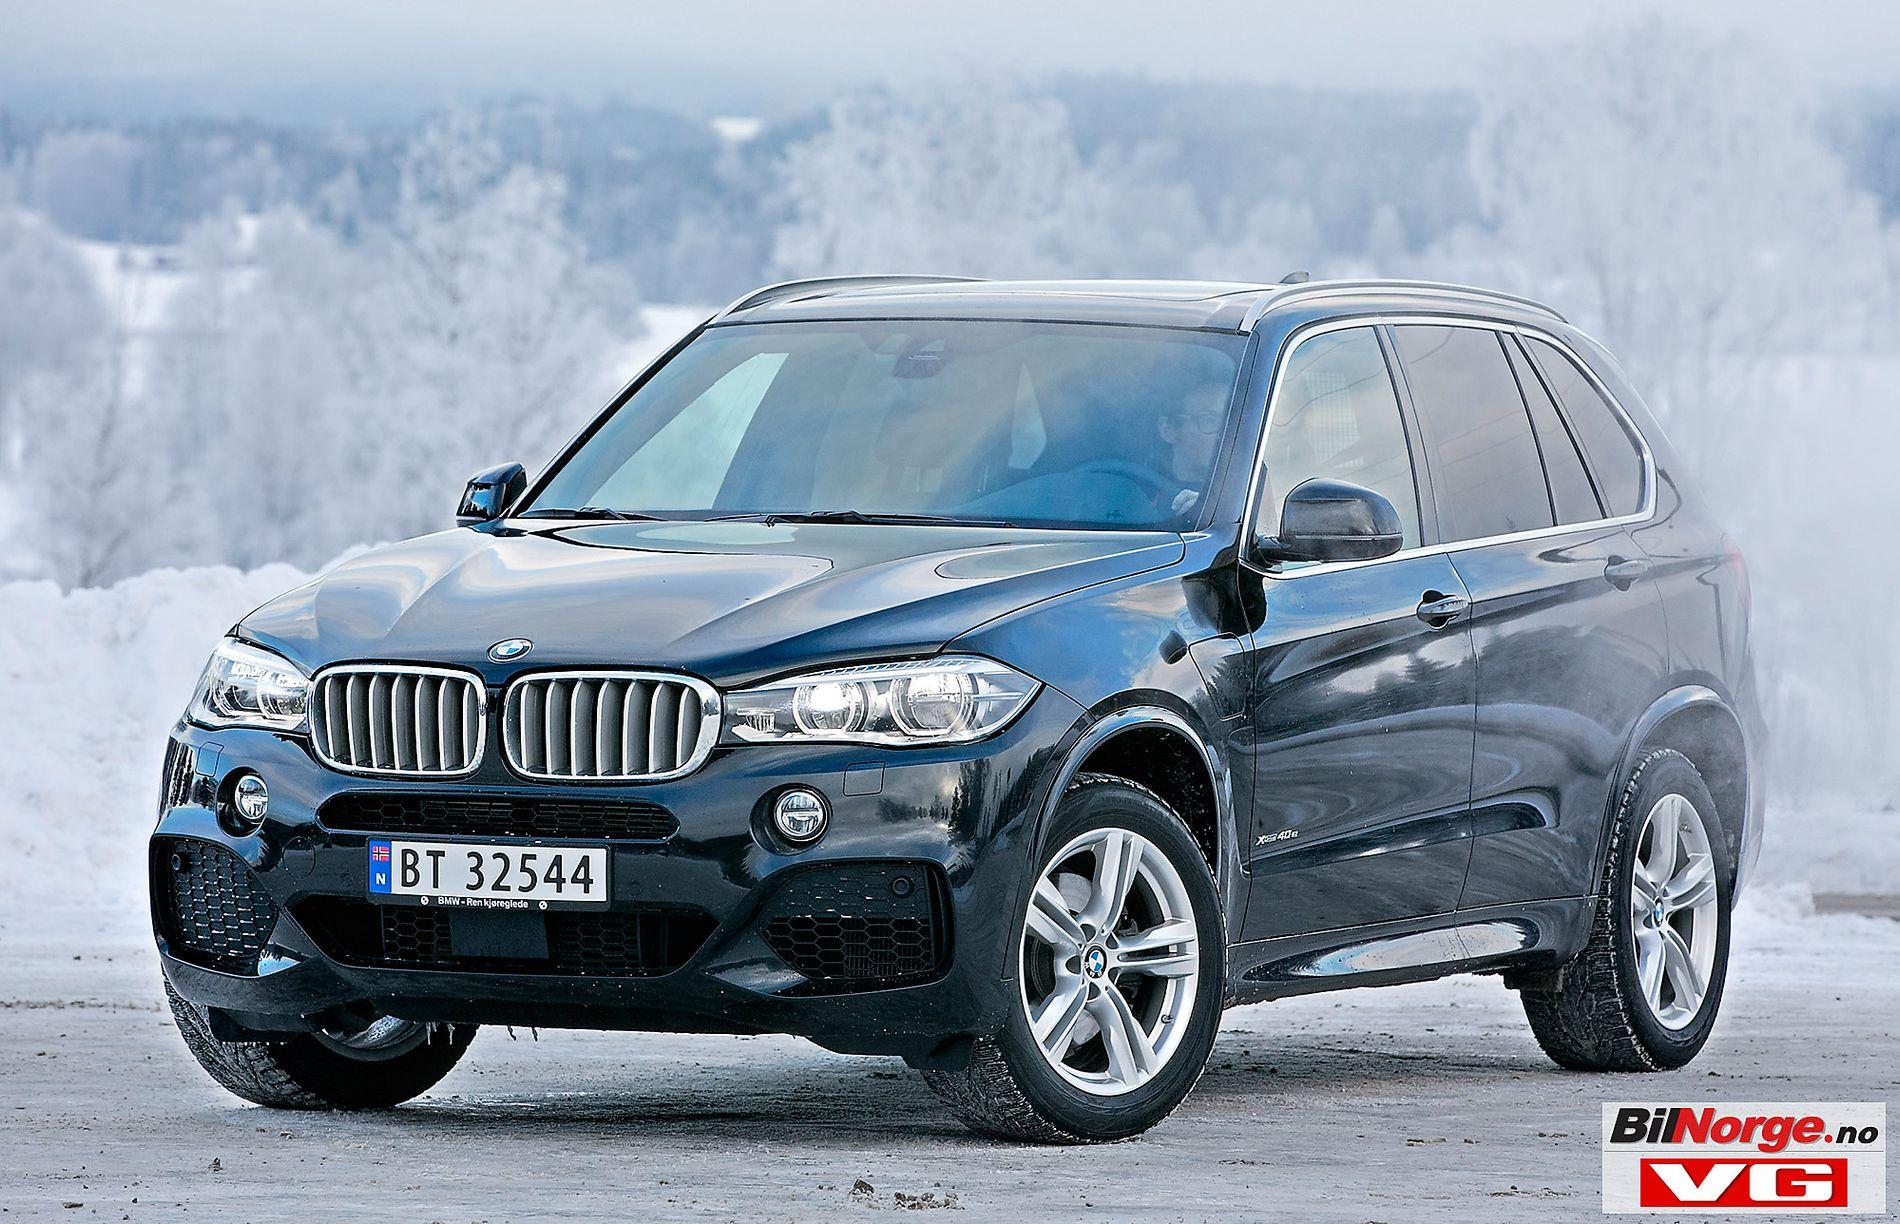 OPP I TO RUNDER: BMW X5 40e står foran et saftig avgiftshopp.  Fra 1. januar går den opp 11.009 kroner, før avgiftsskruen virkelig strammes til 1. juli, da modelllen 44.210 kroner i rekkeviddeavgift.  Da VG testet bilen, gikk den 22 kilometer elektrisk, av oppgitte 31.  X5 er Norges tiende mest solgte ladehybrid, med 936 registreringer hittil i år.